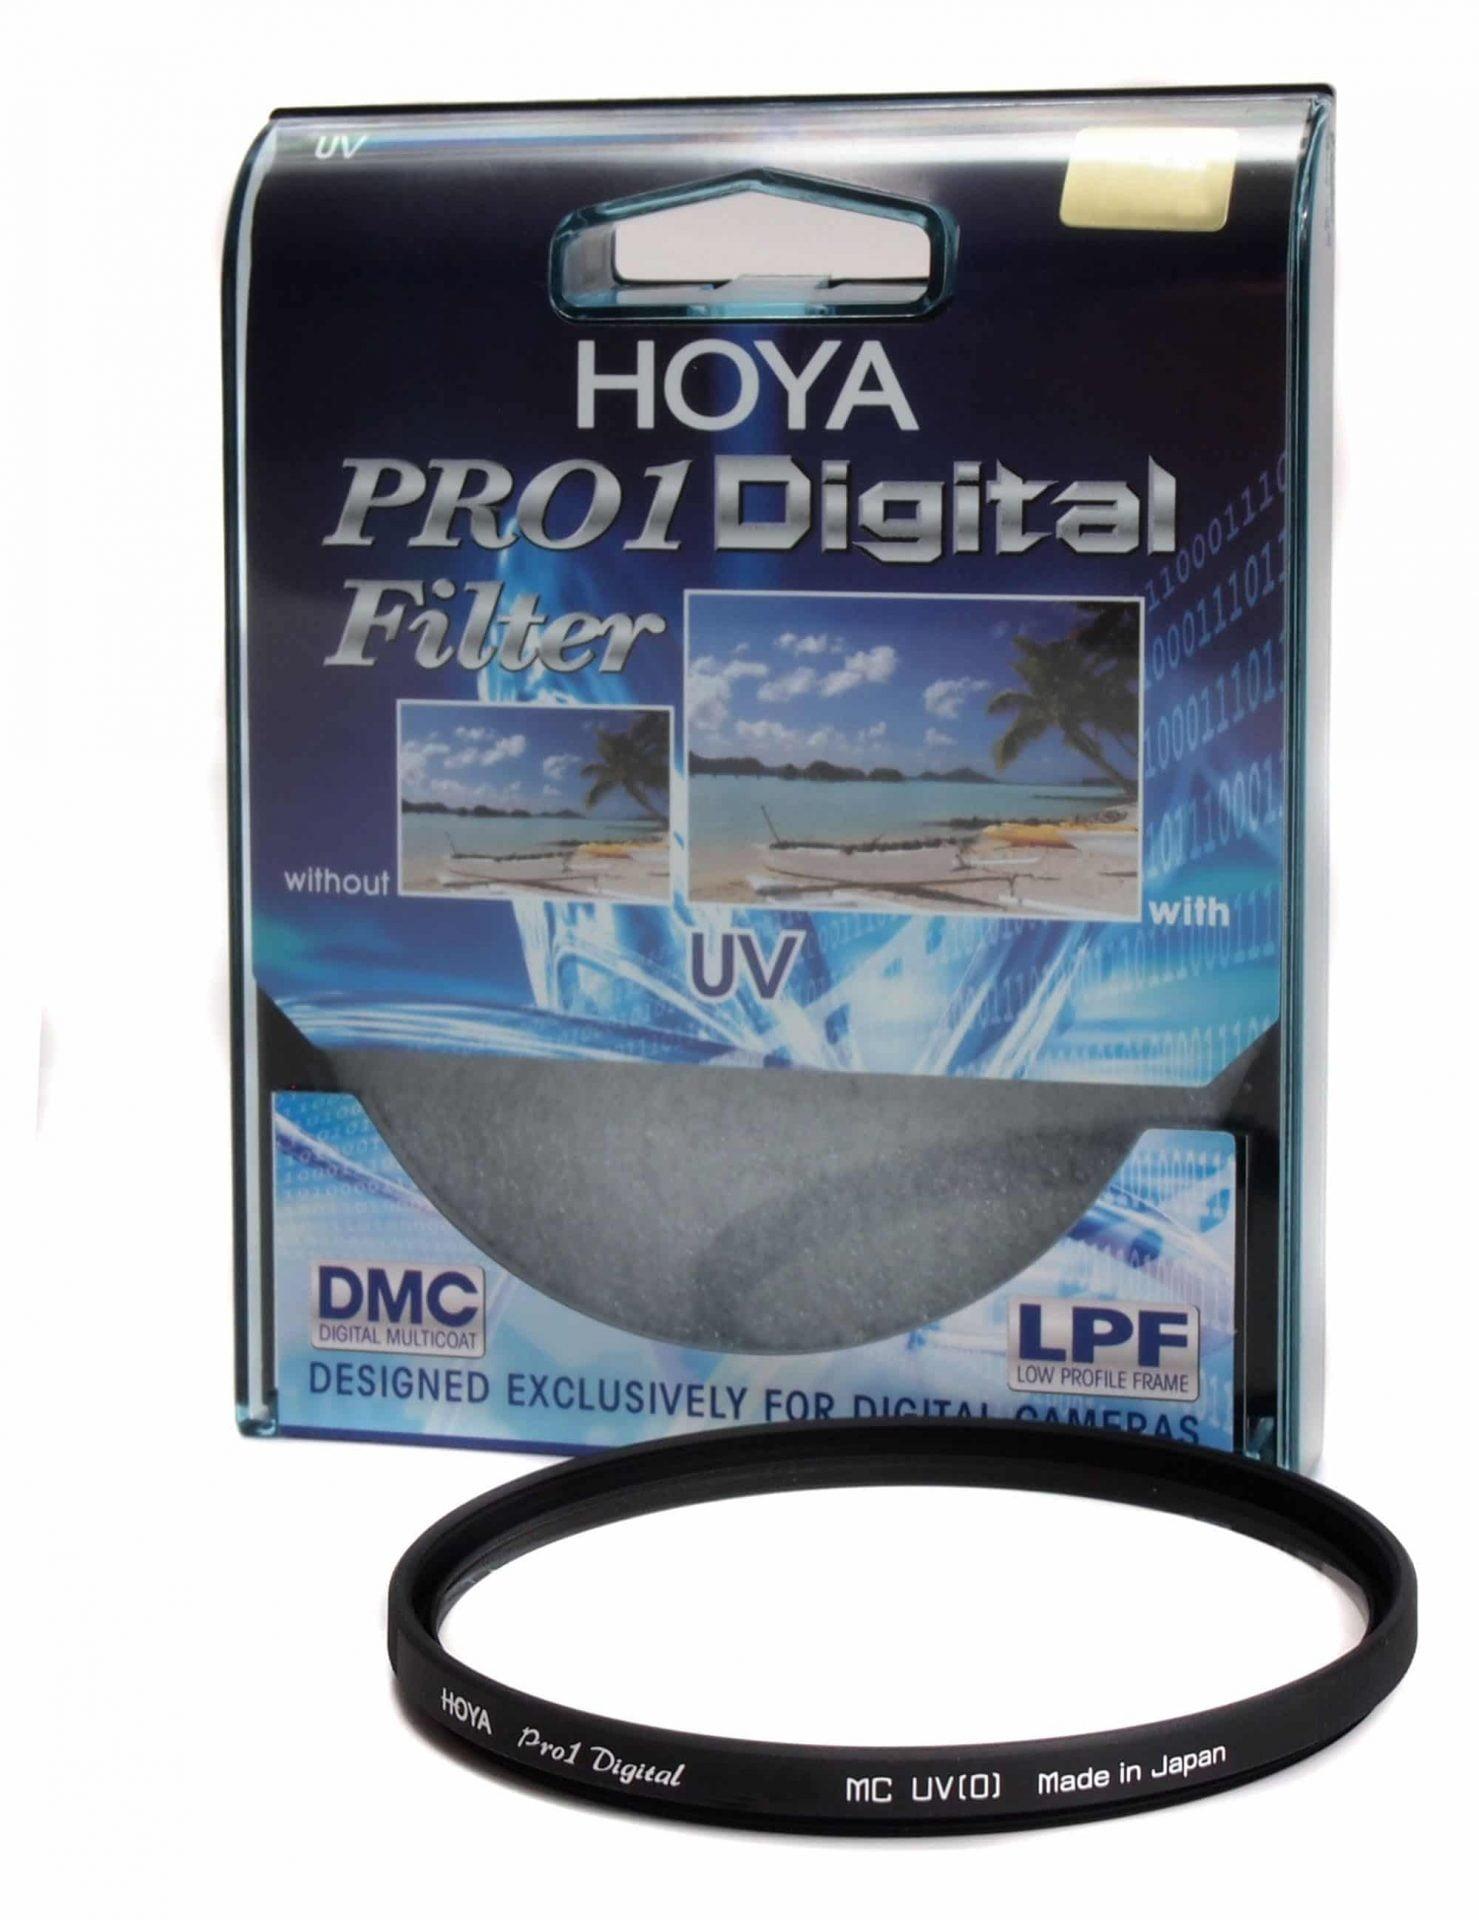 Hoya 72mm UV Pro 1 Digital Filter